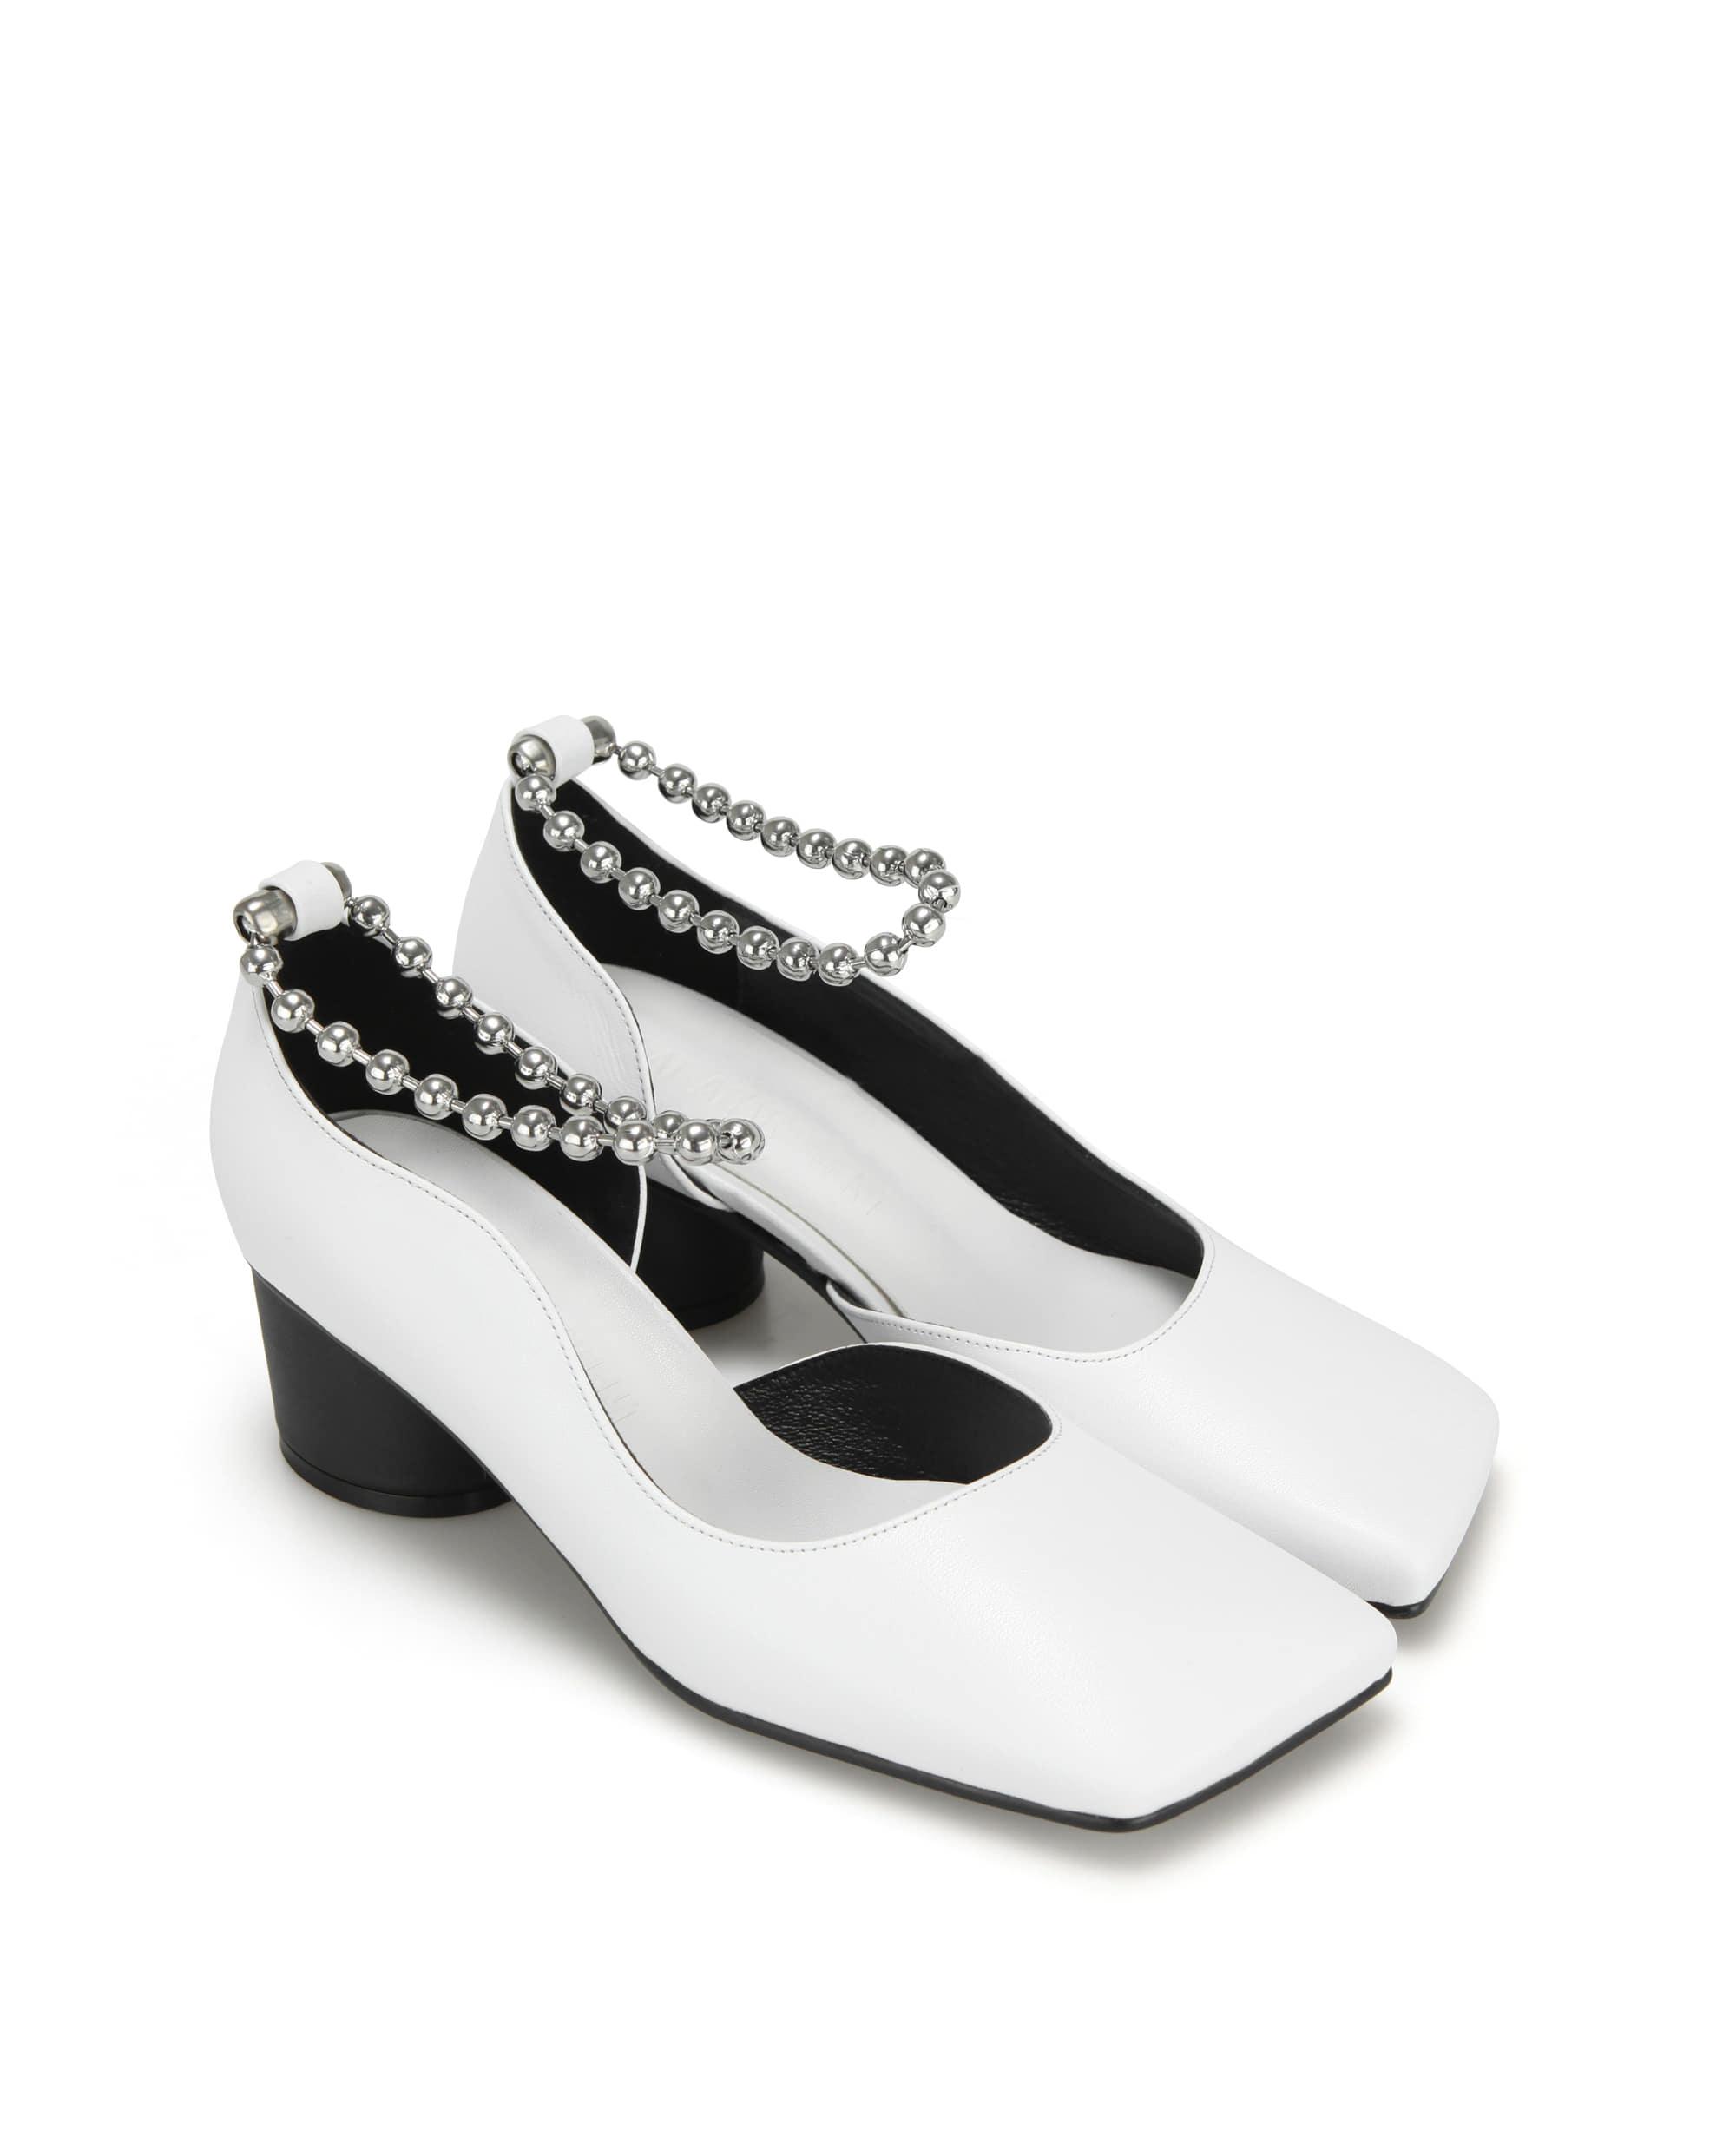 플랫아파트먼트, 힐, 펌프스, 미드힐, 볼체인, 슈즈, 신발, 구두, flatapartment, flat apartment, heels, pumps, mid heels, ball chain, shoes, Seoul fashion, k fashion, flat apartment shoes